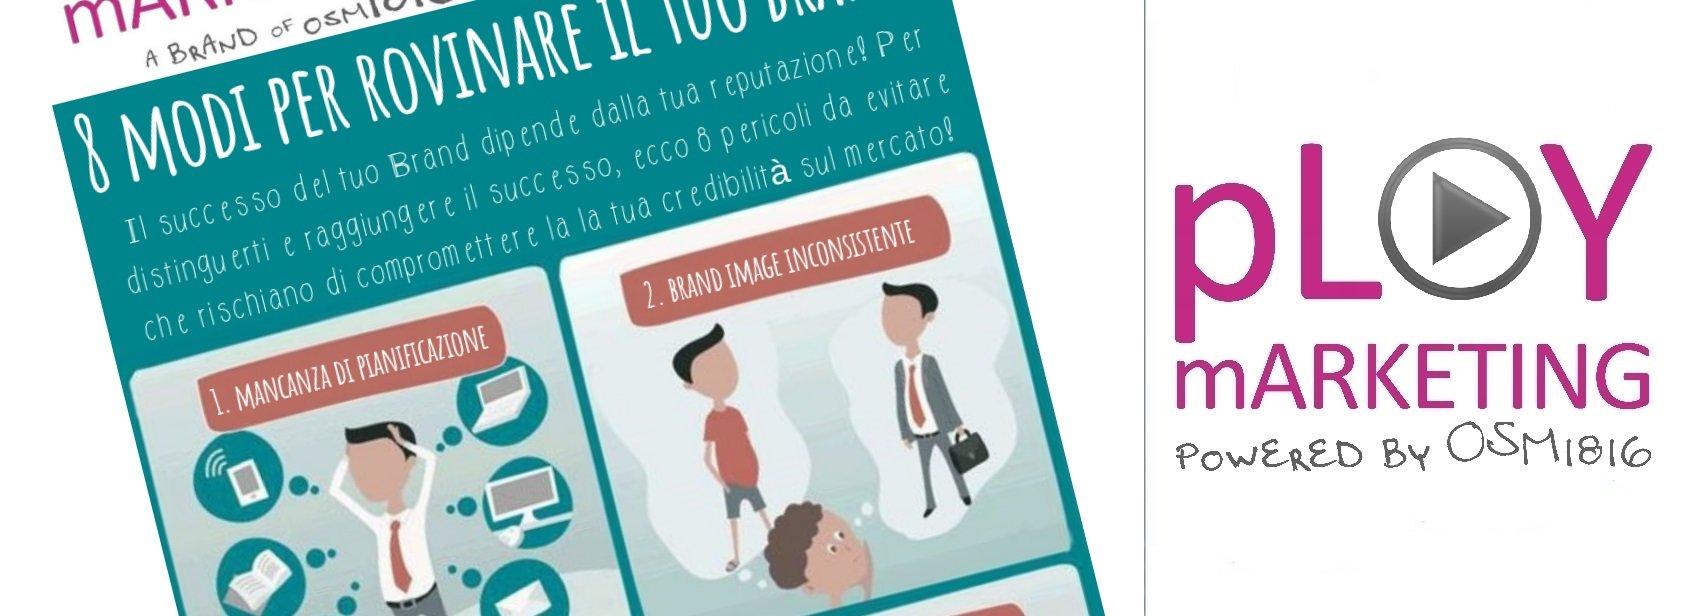 Infografica: 8 Modi per rovinare il tuo brand